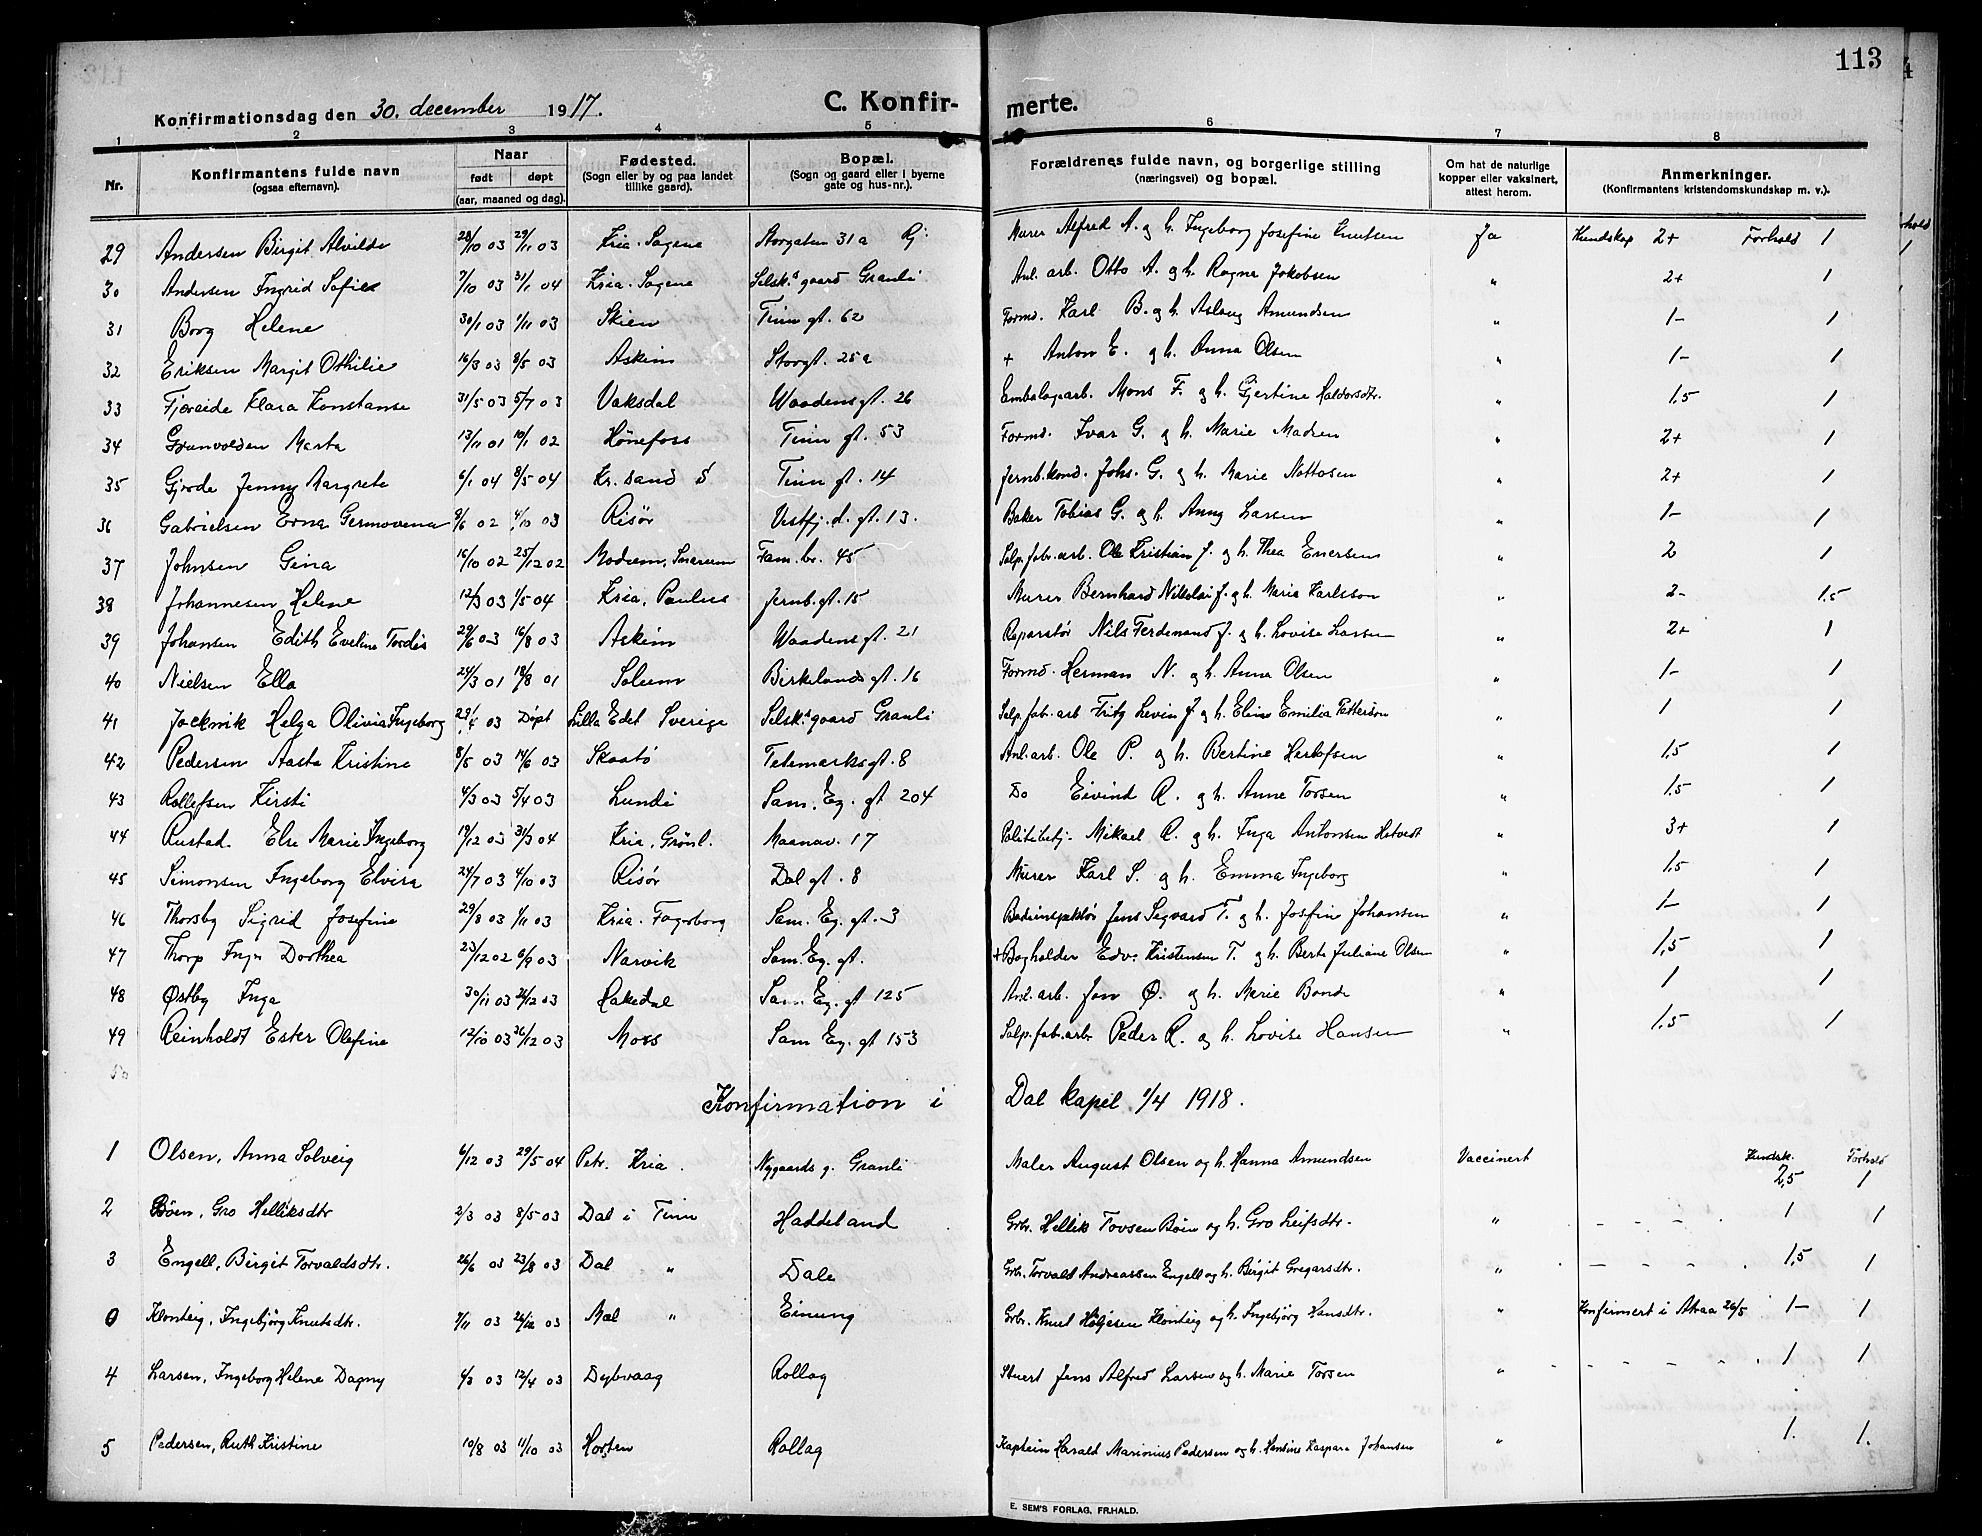 SAKO, Rjukan kirkebøker, G/Ga/L0002: Klokkerbok nr. 2, 1913-1920, s. 113